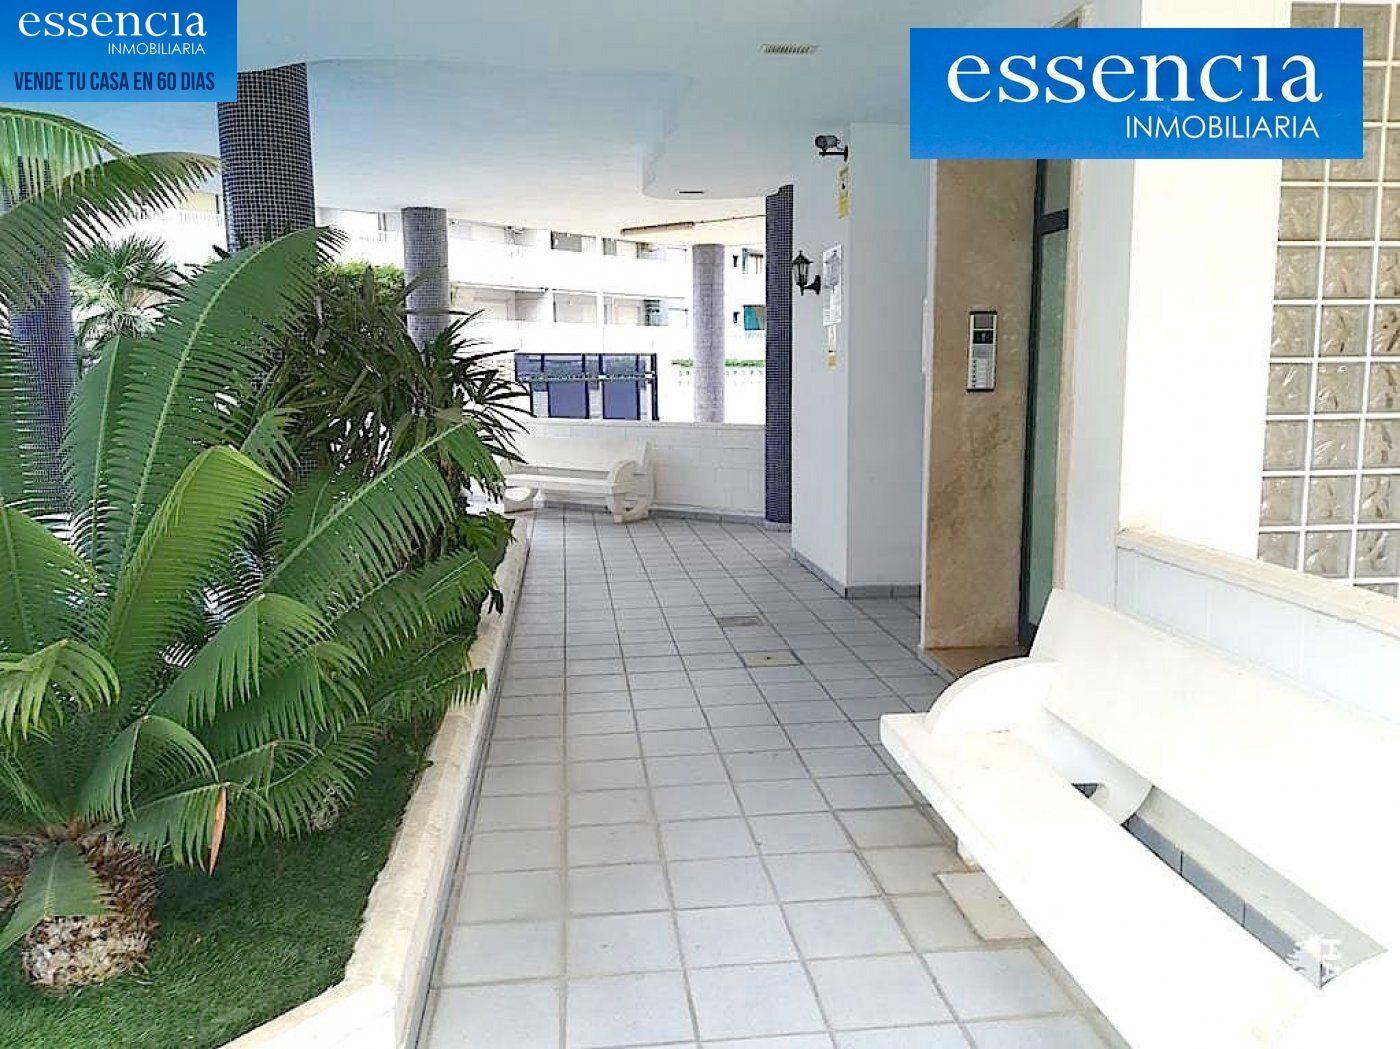 Apartamento de 2 dormitorios y 2 baños con salón con balcón. - imagenInmueble20